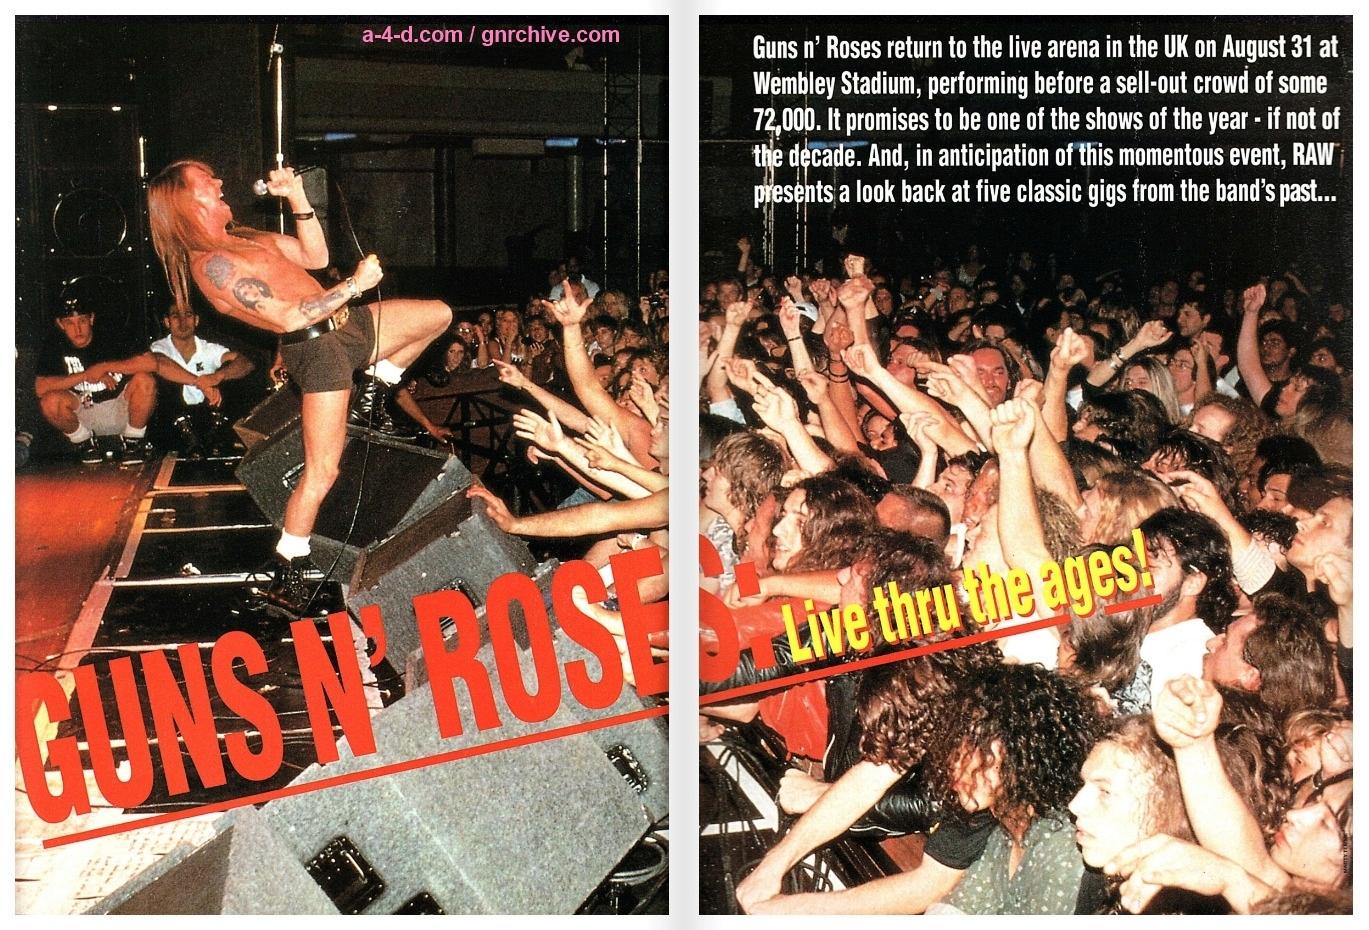 1991.06.DD - RAW - Guns N' Roses: Live Thru The Ages! 1991_053